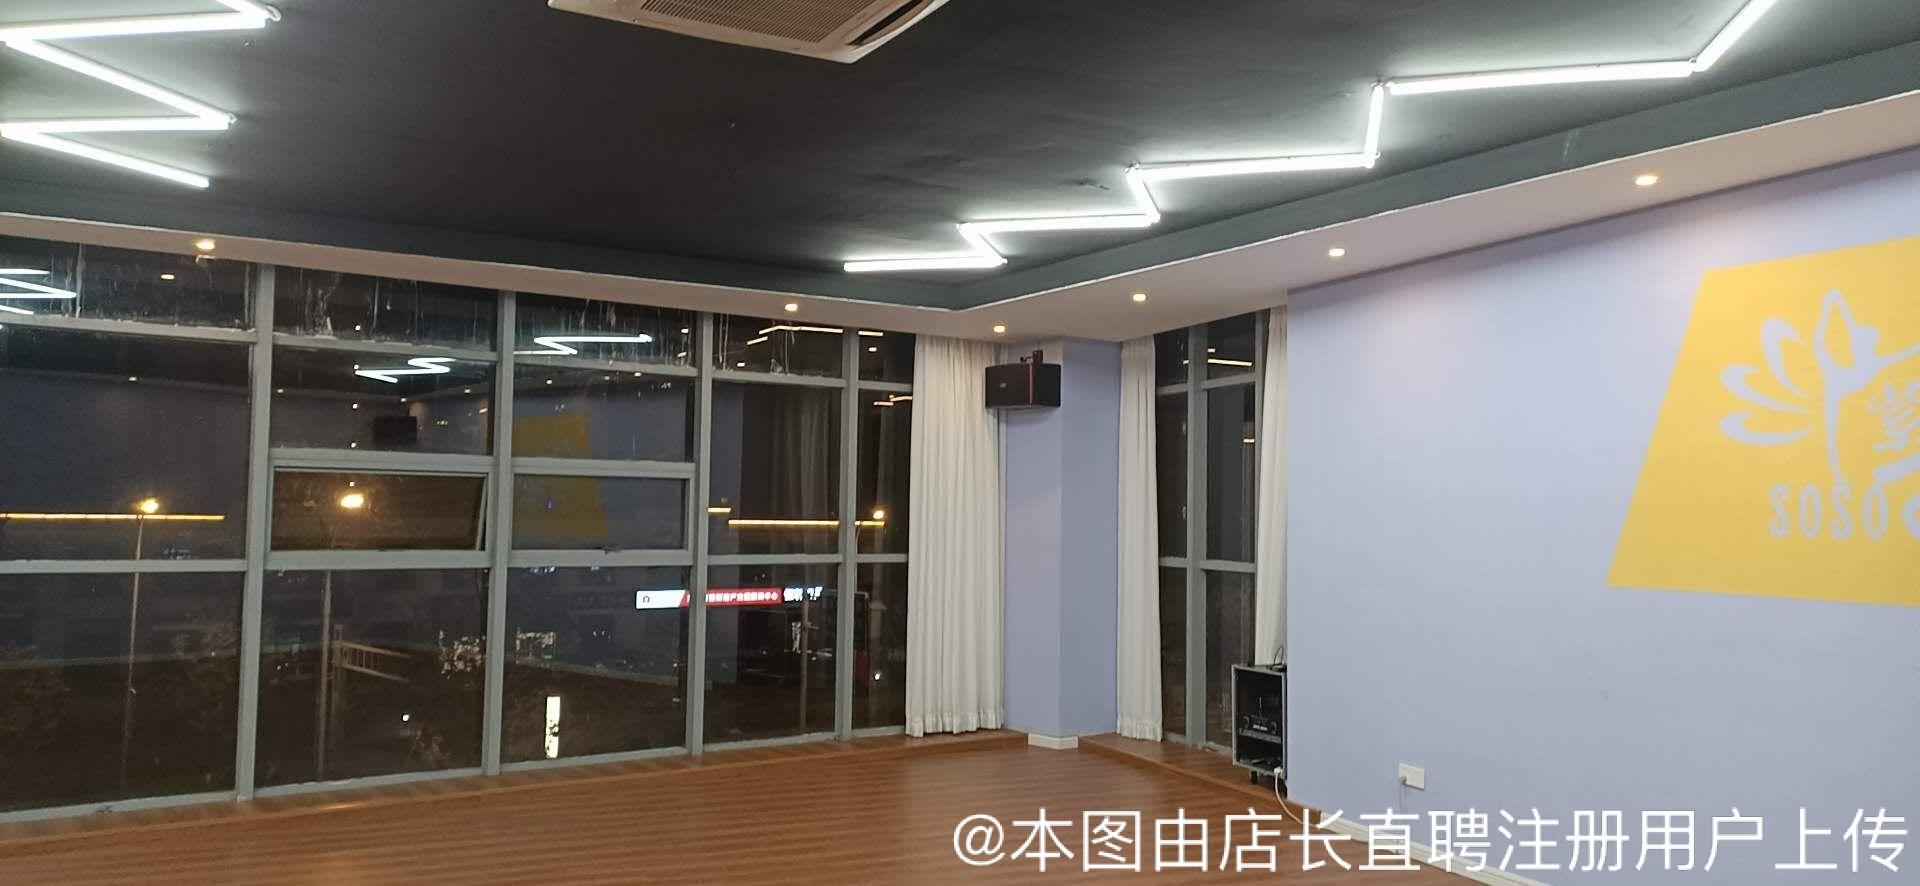 苏州千季培训服务管理有限公司